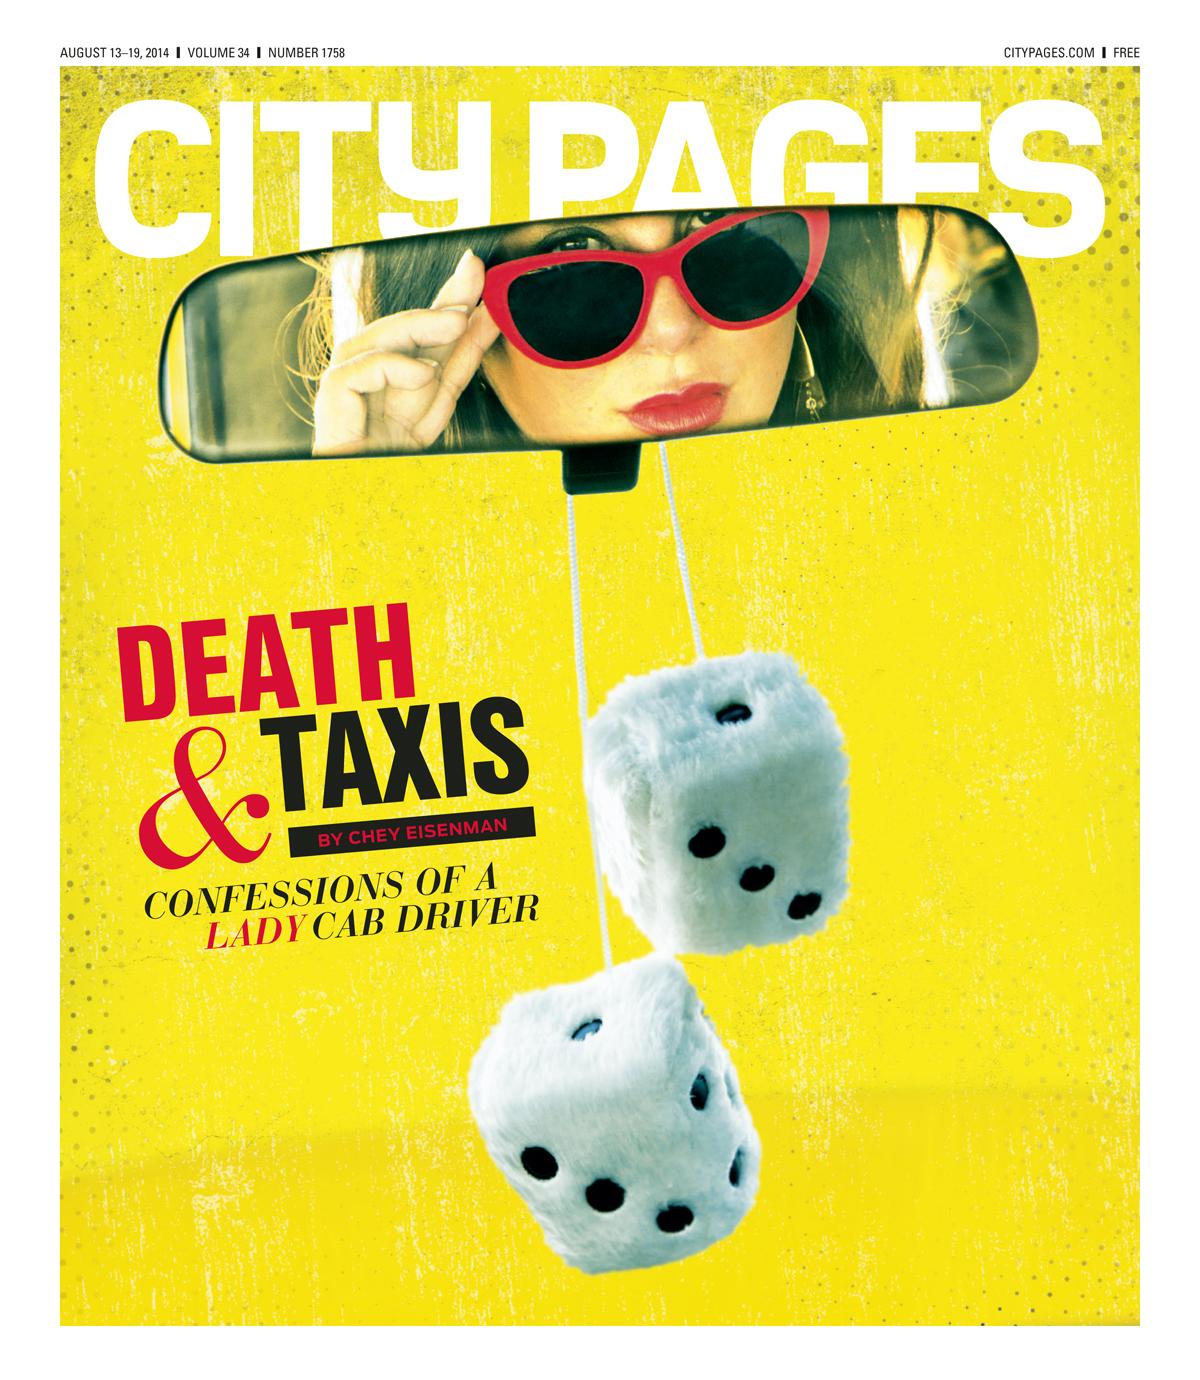 CP_Death&Taxis.jpg